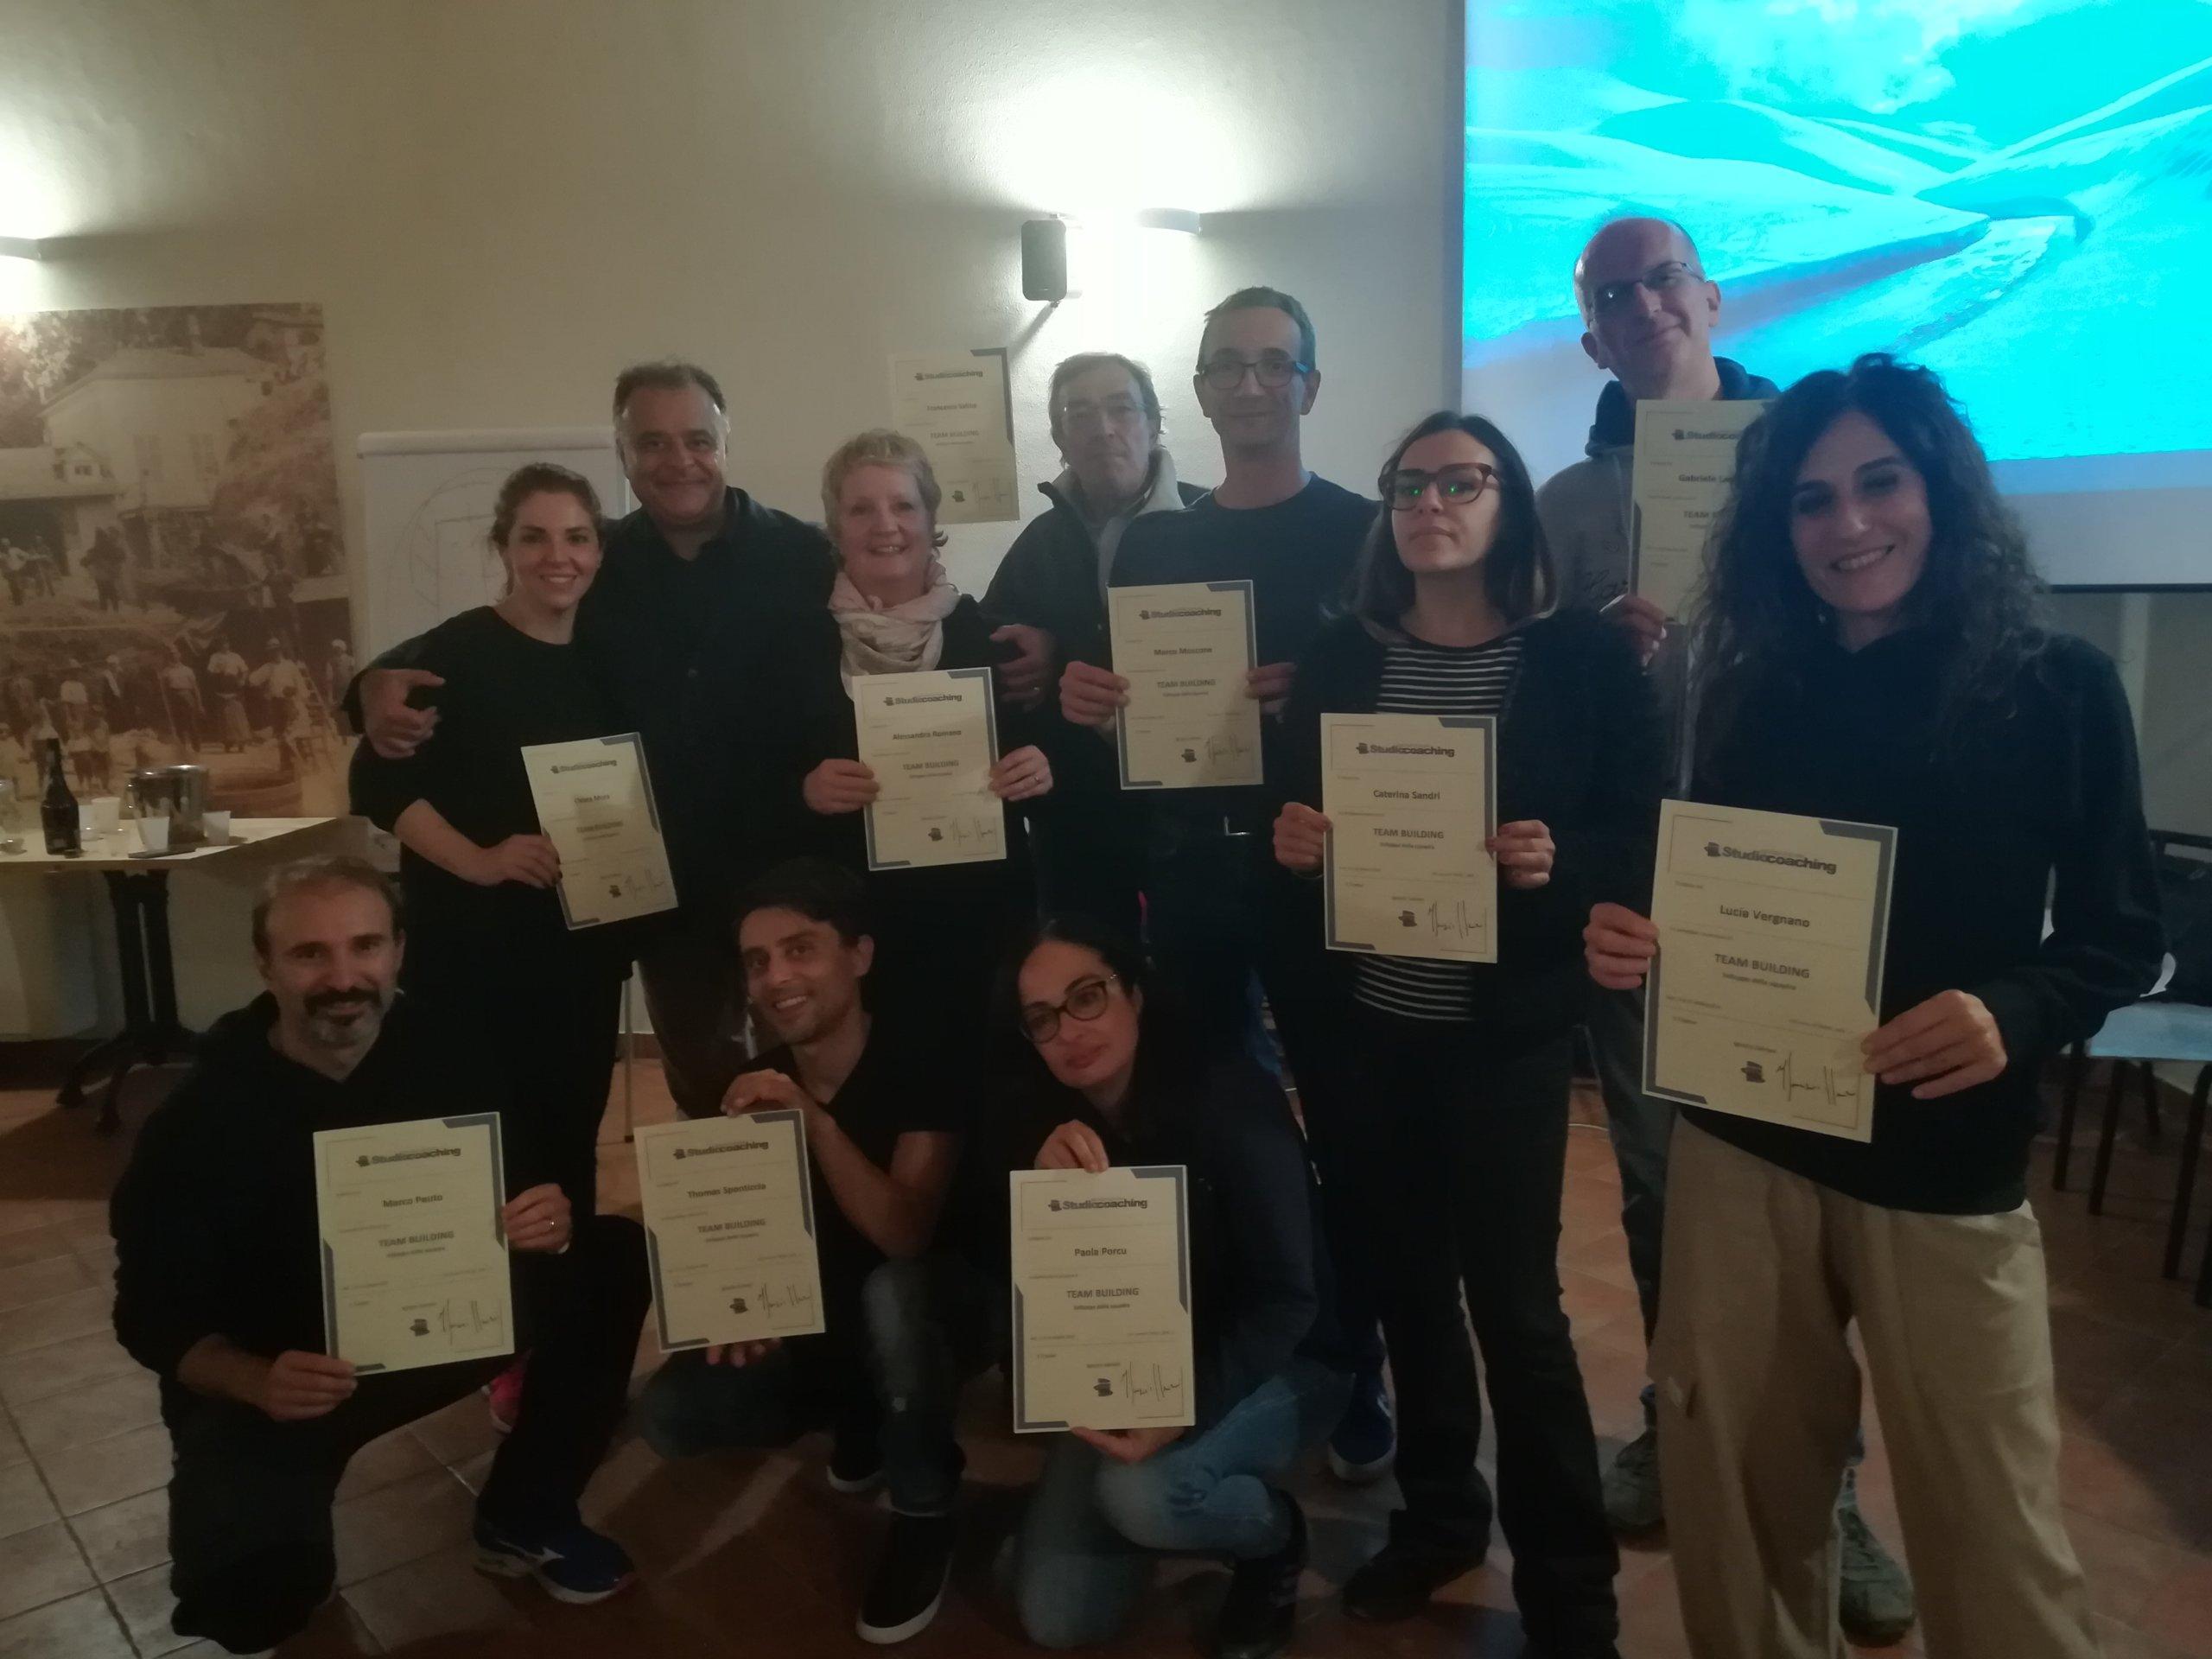 25-studio-coaching-salmeri-team-building